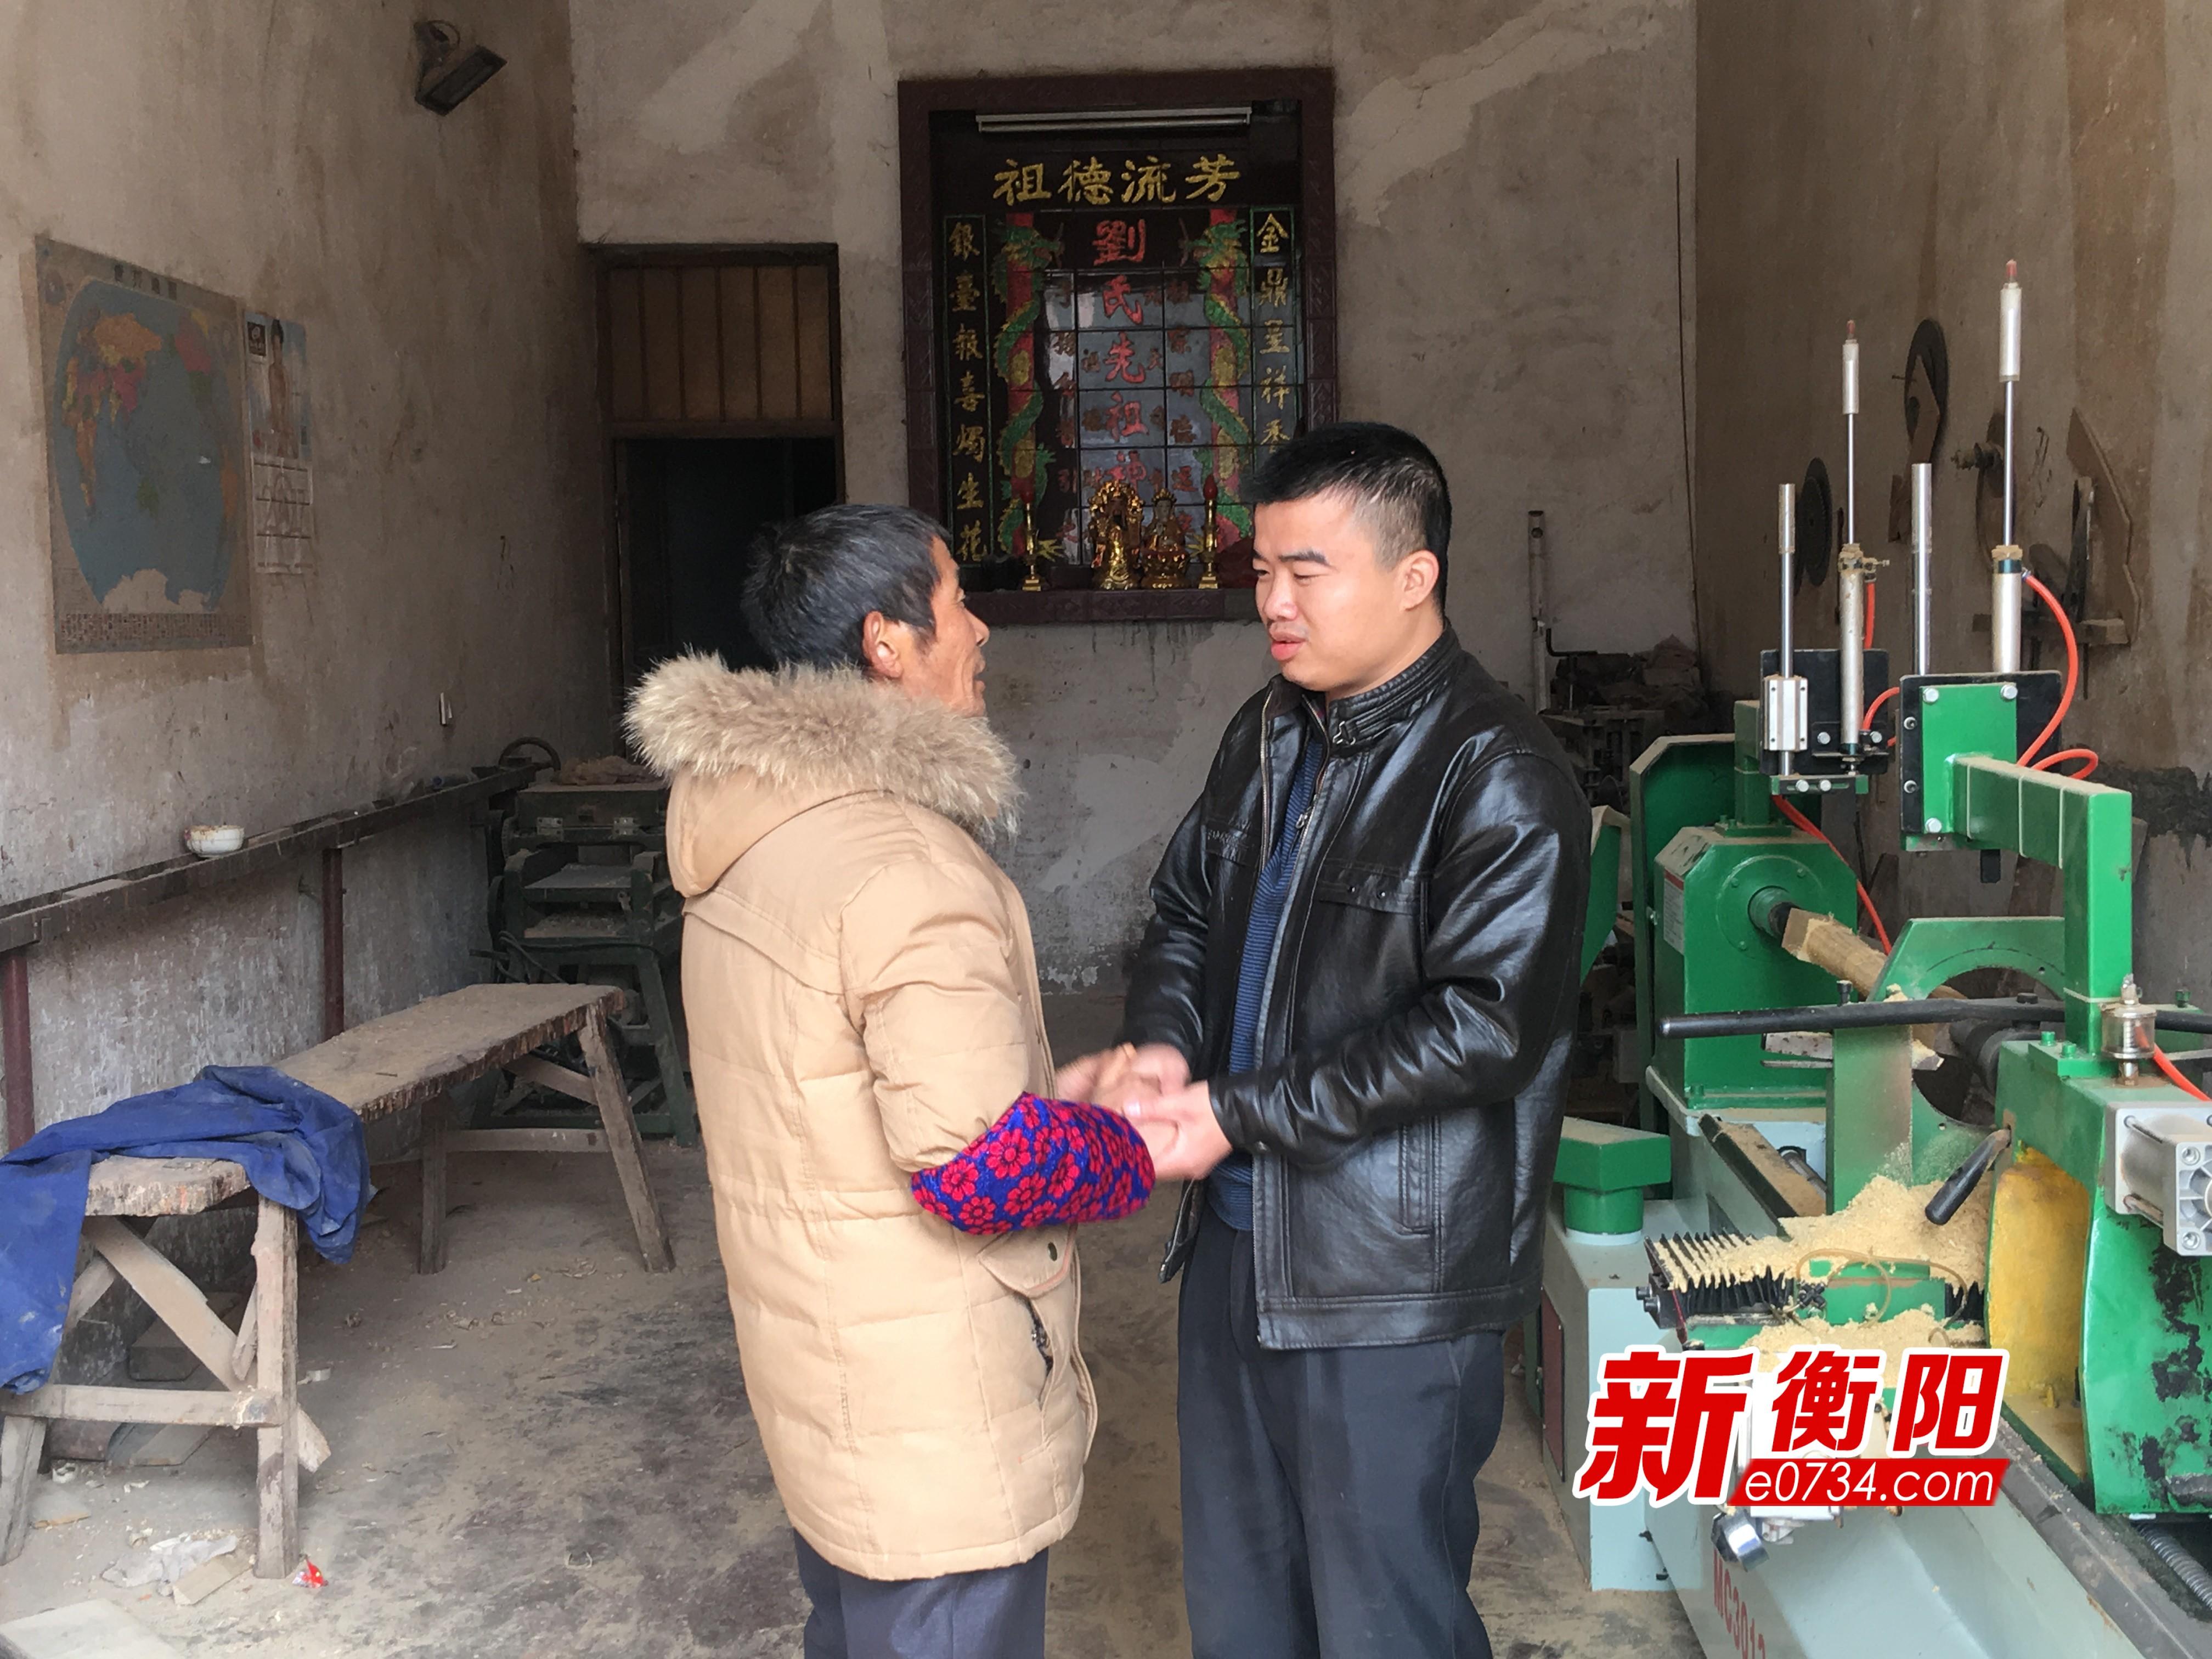 新闻下午茶丨衡阳市各中小学迎期末考,寒假来了!